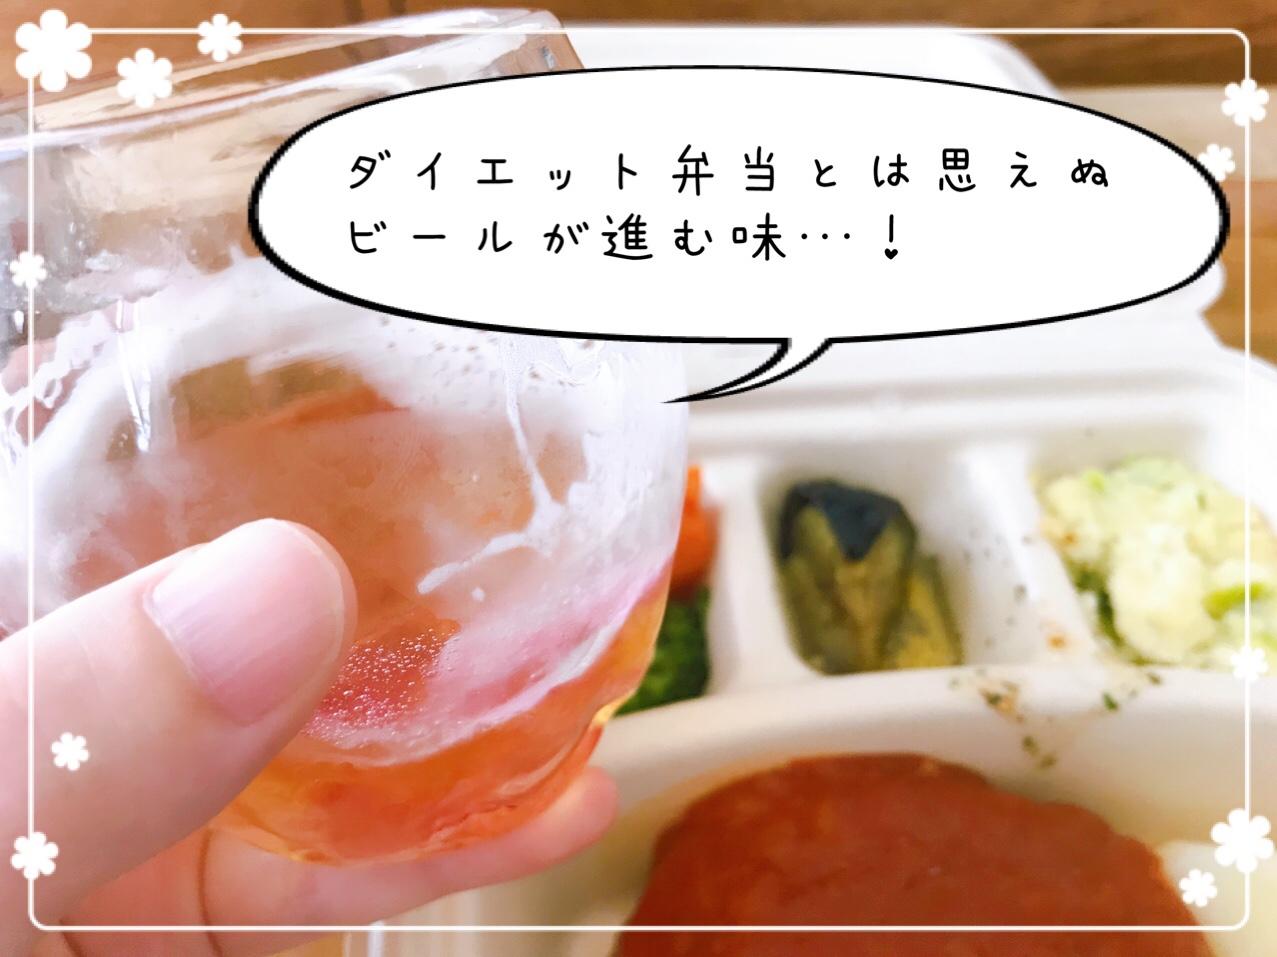 nosh(ナッシュ) お酒のおつまみ